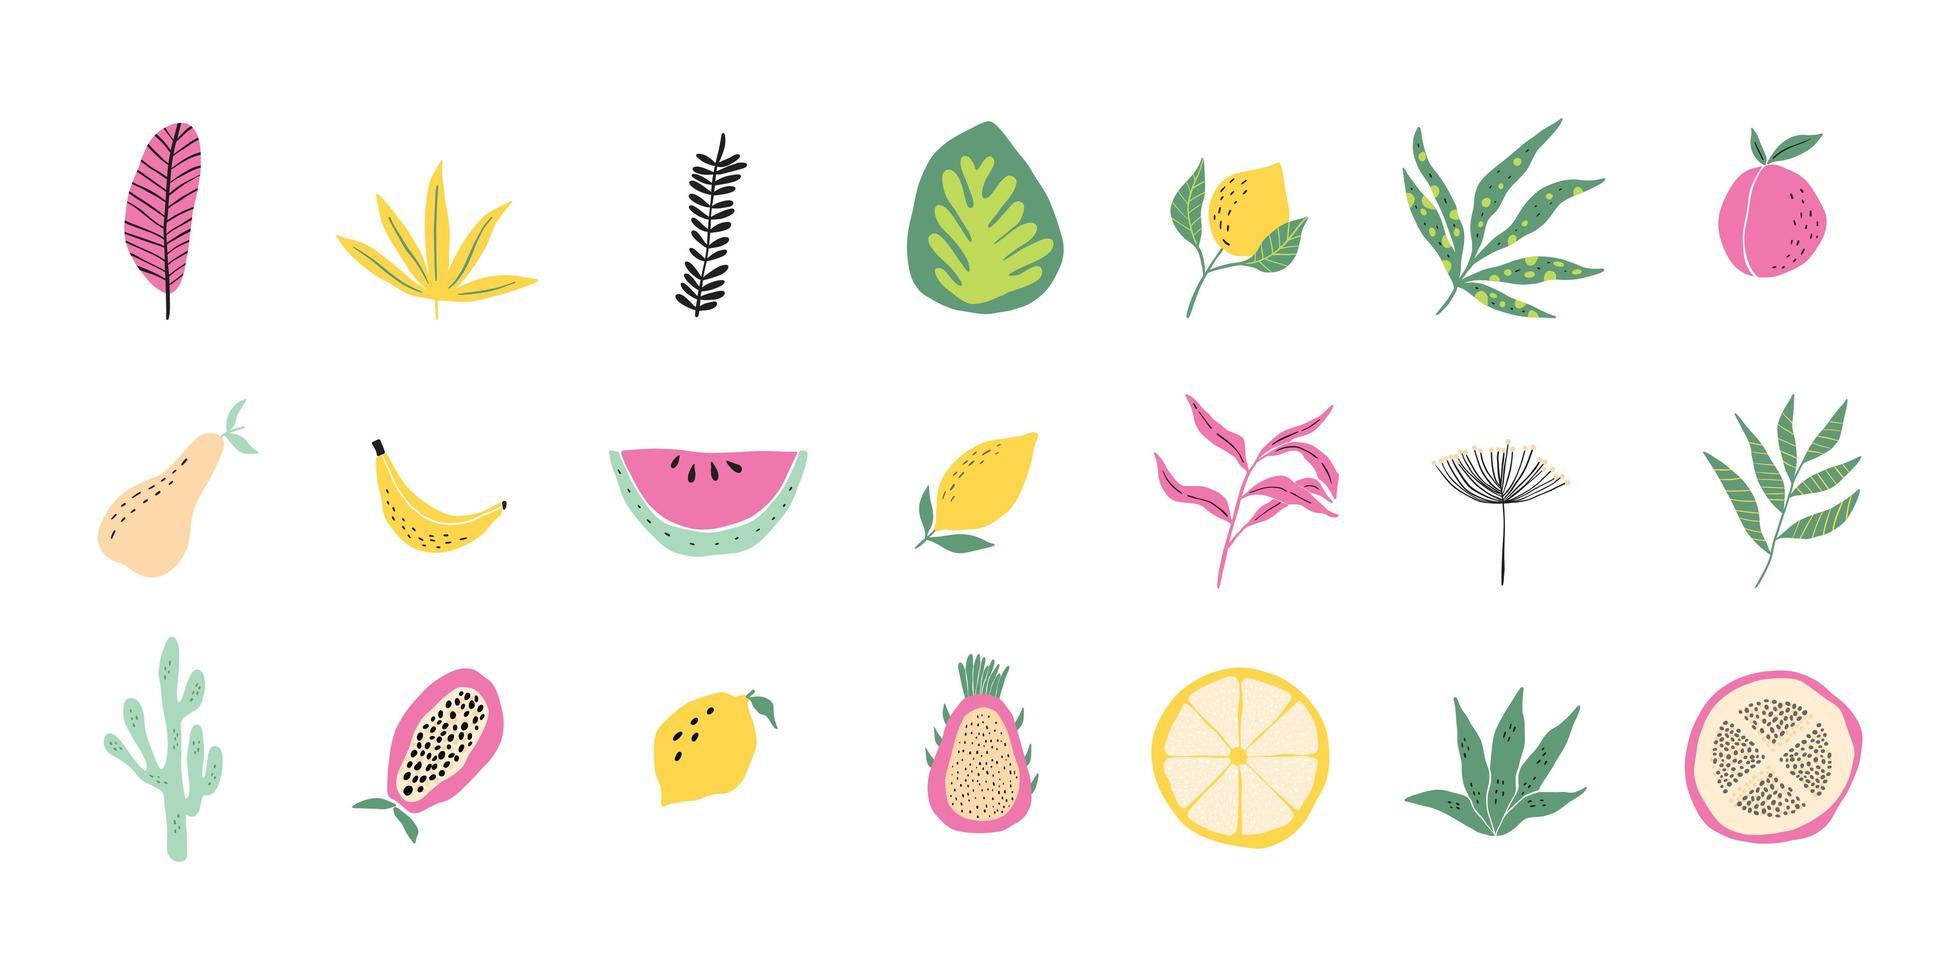 coleção contemporânea de frutas tropicais e folhas da floresta vetor